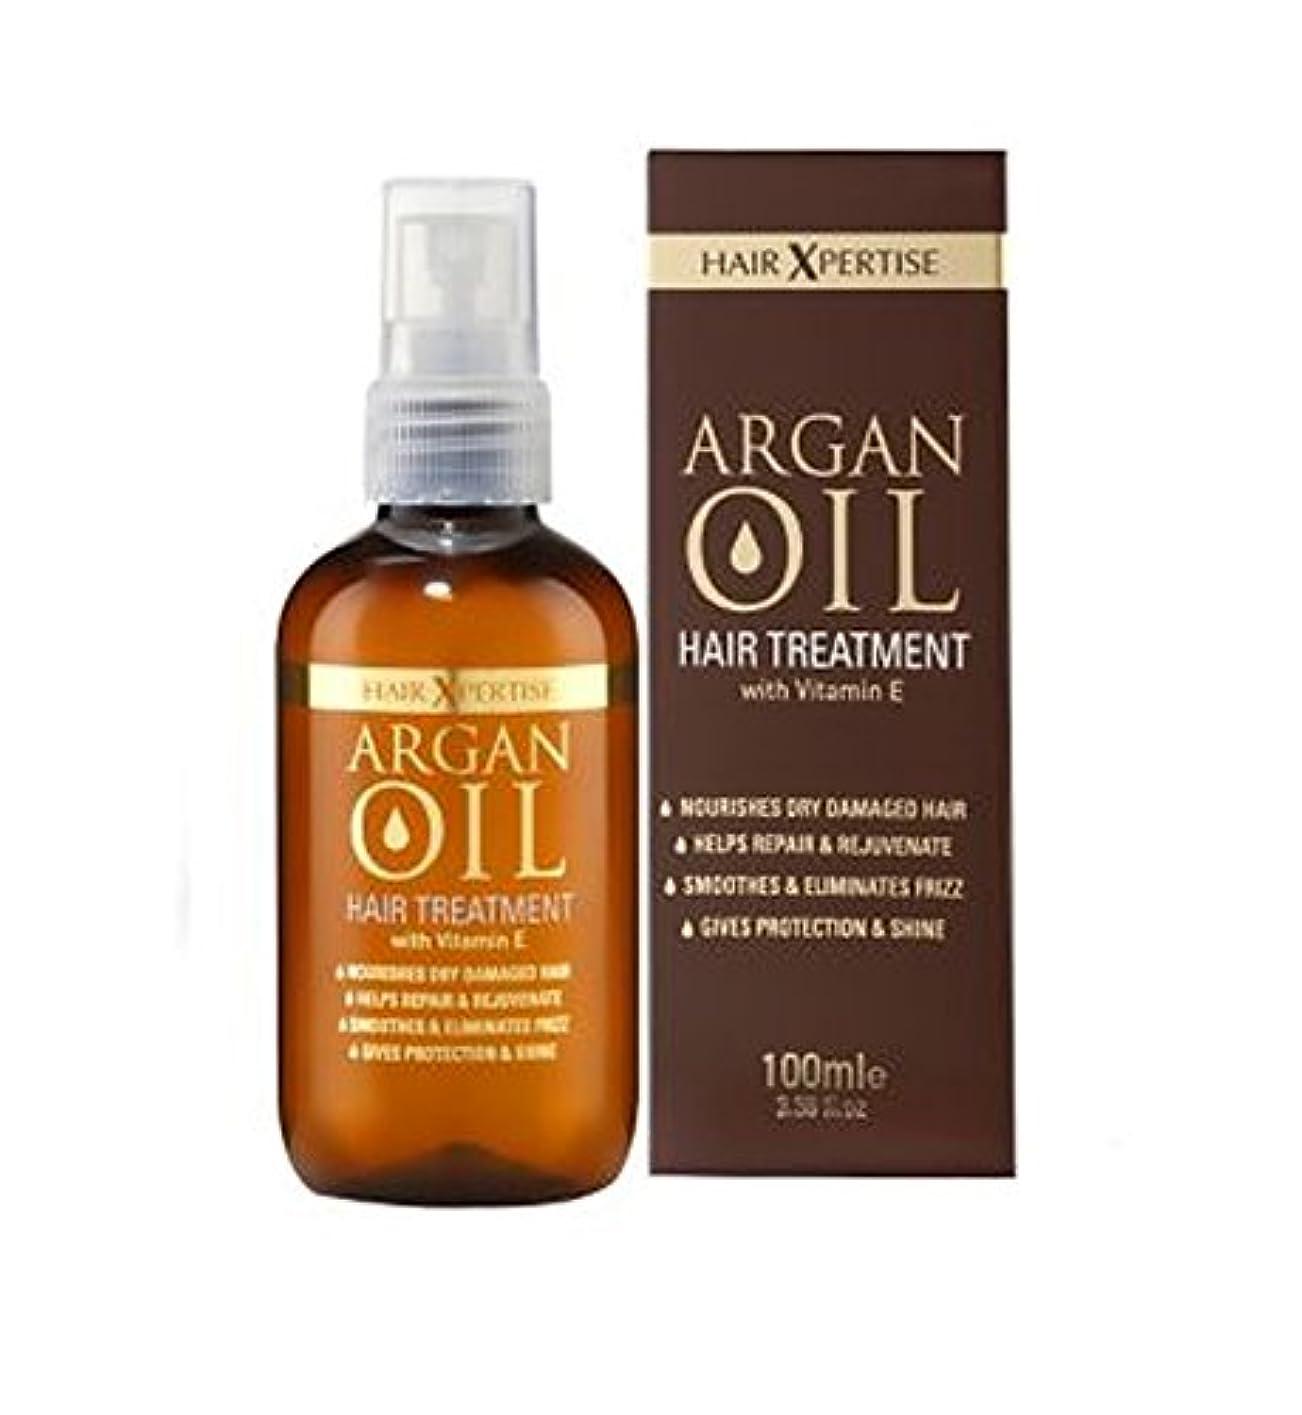 忍耐氏征服Argan Oil Hair Treatment 100ml - アルガンオイルヘアトリートメント100ミリリットル (Argan Oil) [並行輸入品]